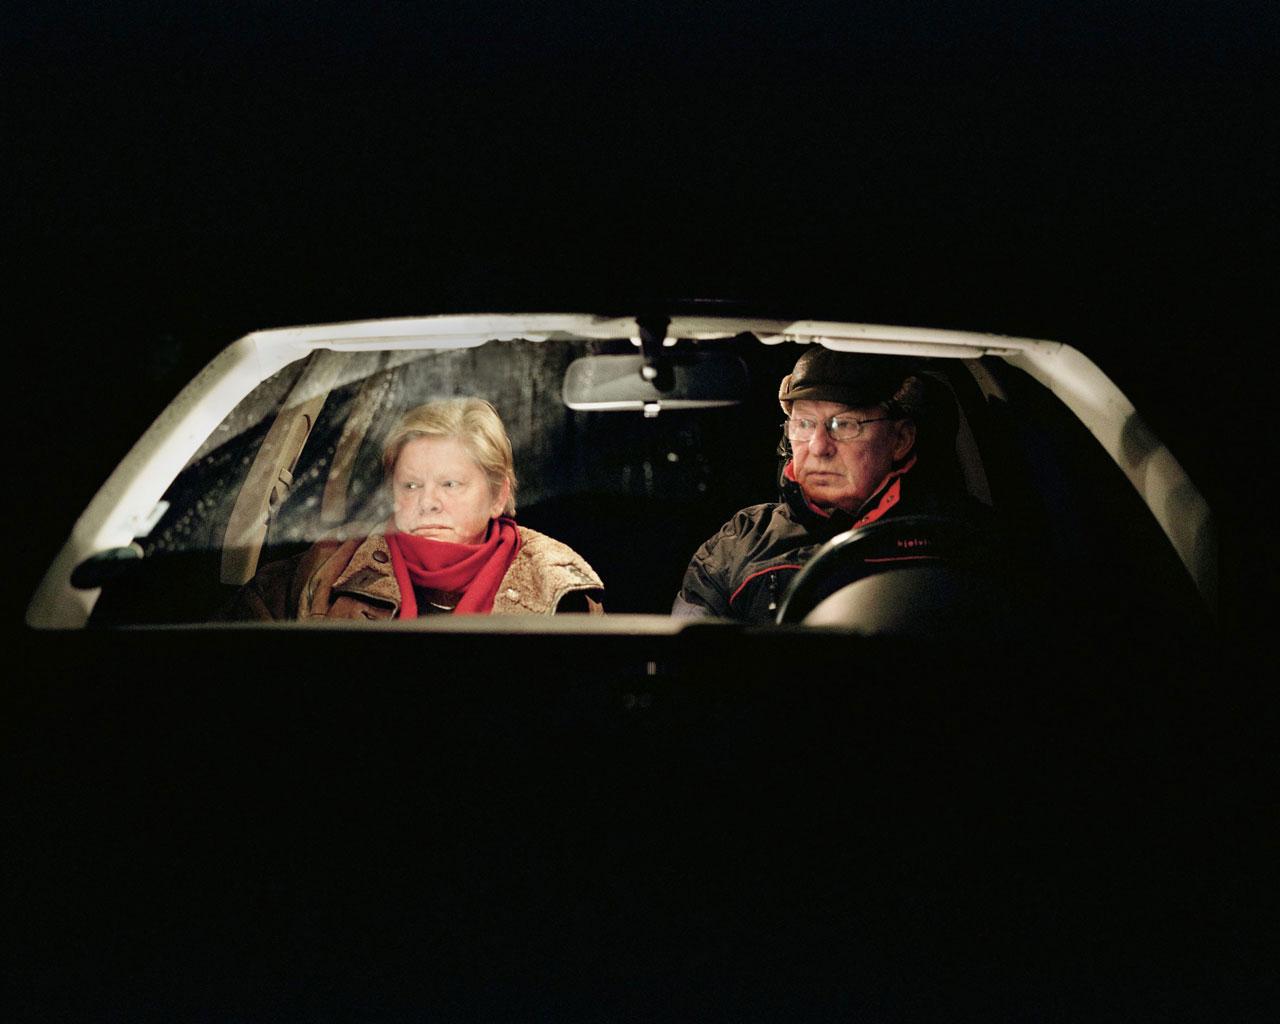 Den ersten Vonovia Award für Fotografie erhielt 2017 Ina Schoenenburg für ihr Langzeitprojekt »Blickwechsel«. Foto: Ina Schoenenburg